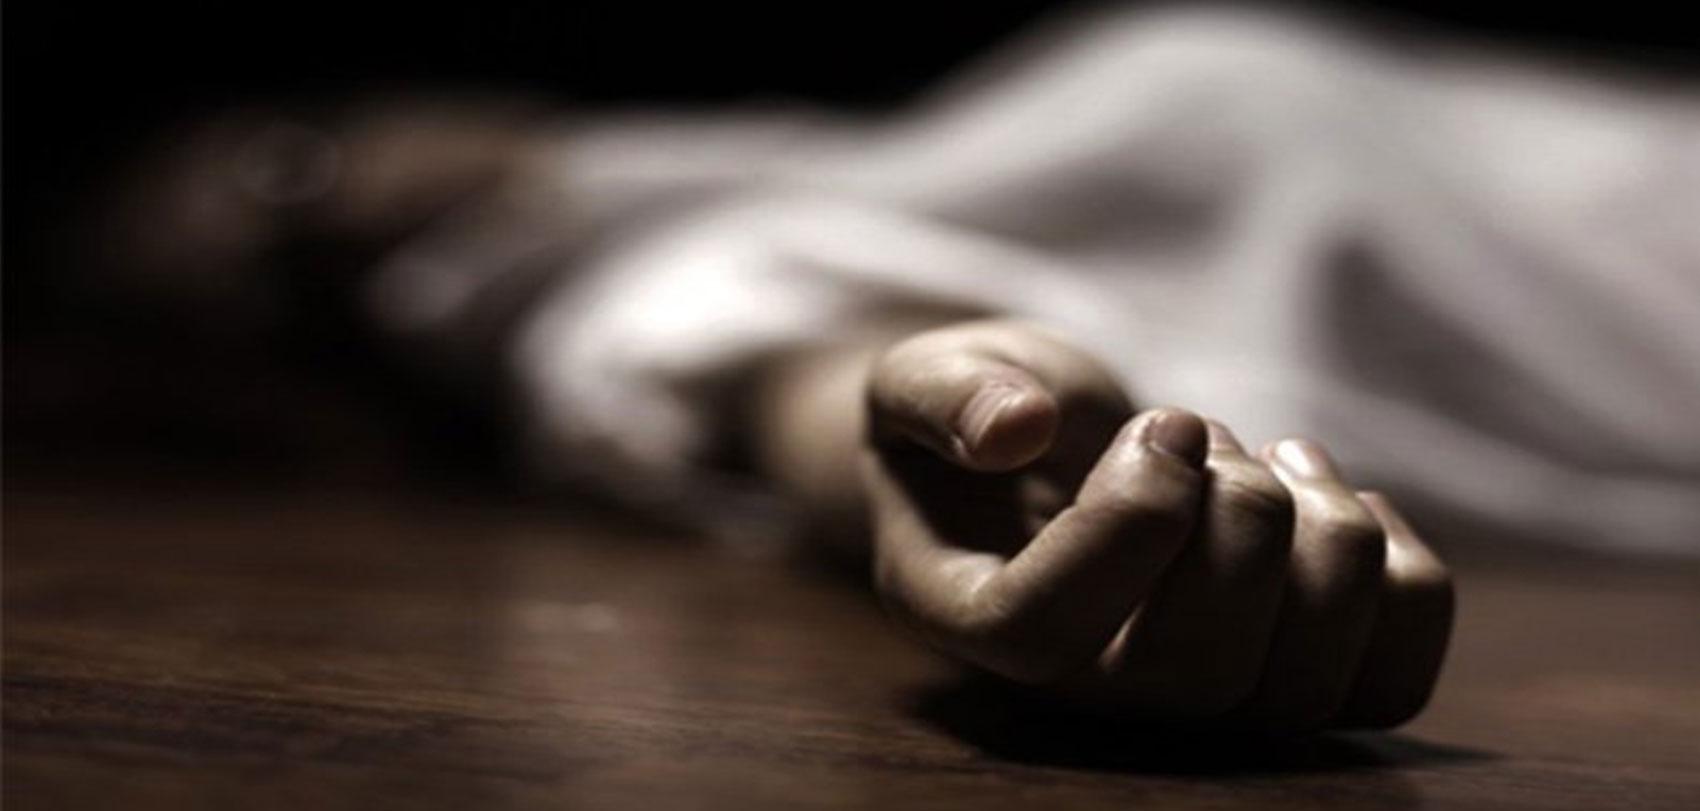 श्रीमतीको मृत्यु भएको २४ घण्टा नबित्दै श्रीमानको पनि मृत्यु